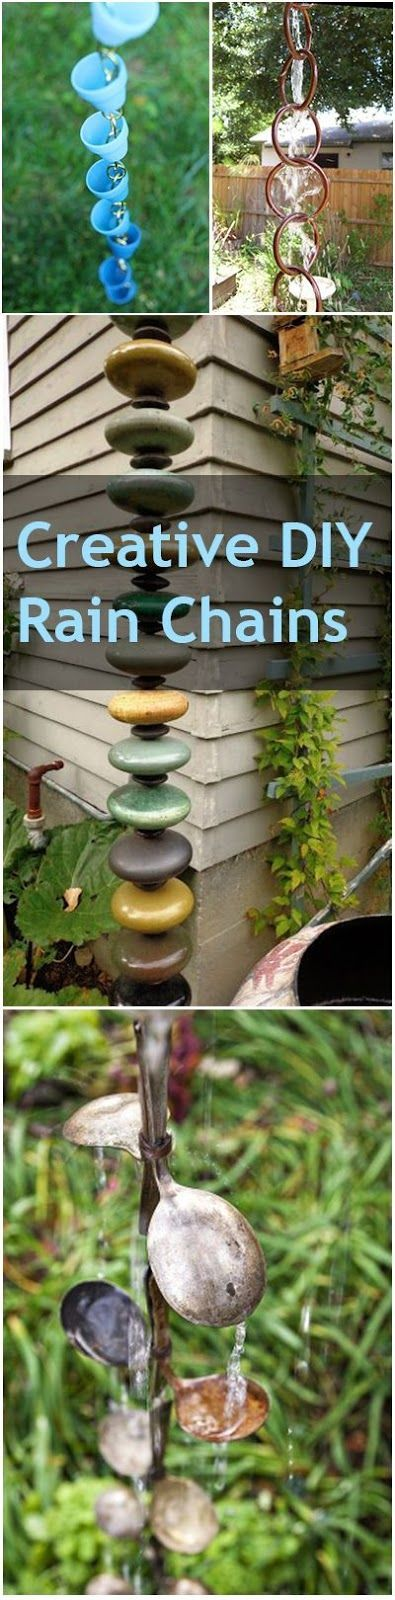 10 Creative DIY Rain Chain Ideas 41